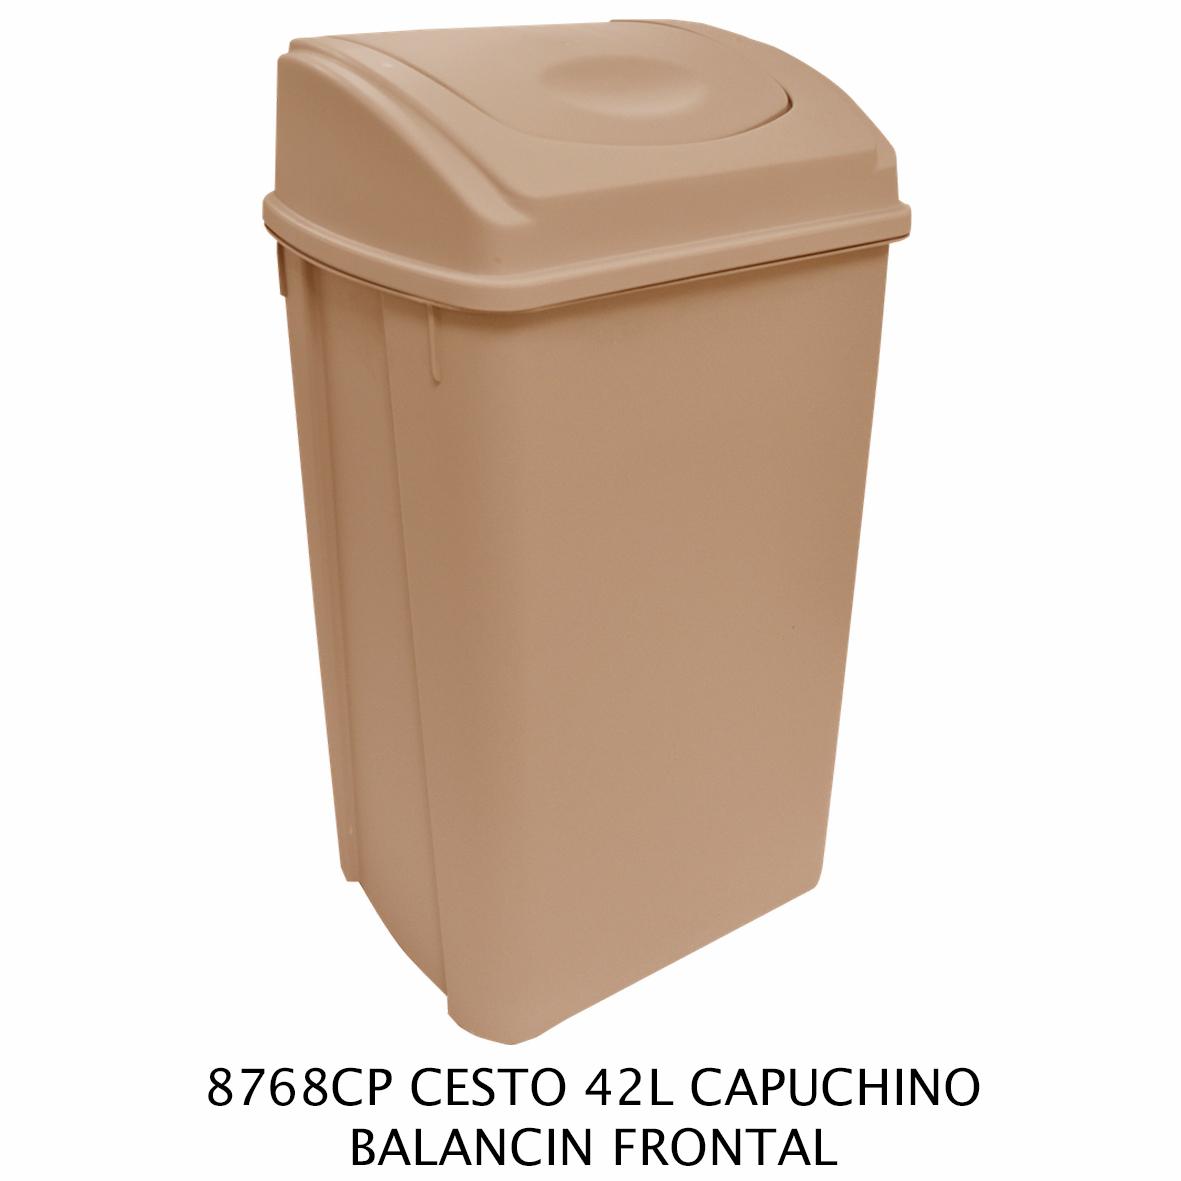 Bote de basura de 42 litros con balancín frontal color capuchino modelo 8768CP de Sablón